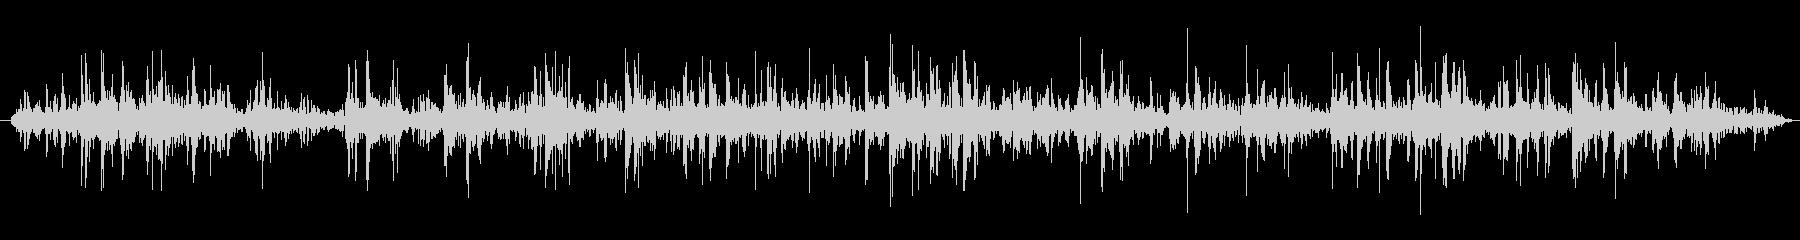 カート 中世のドラッグ01の未再生の波形